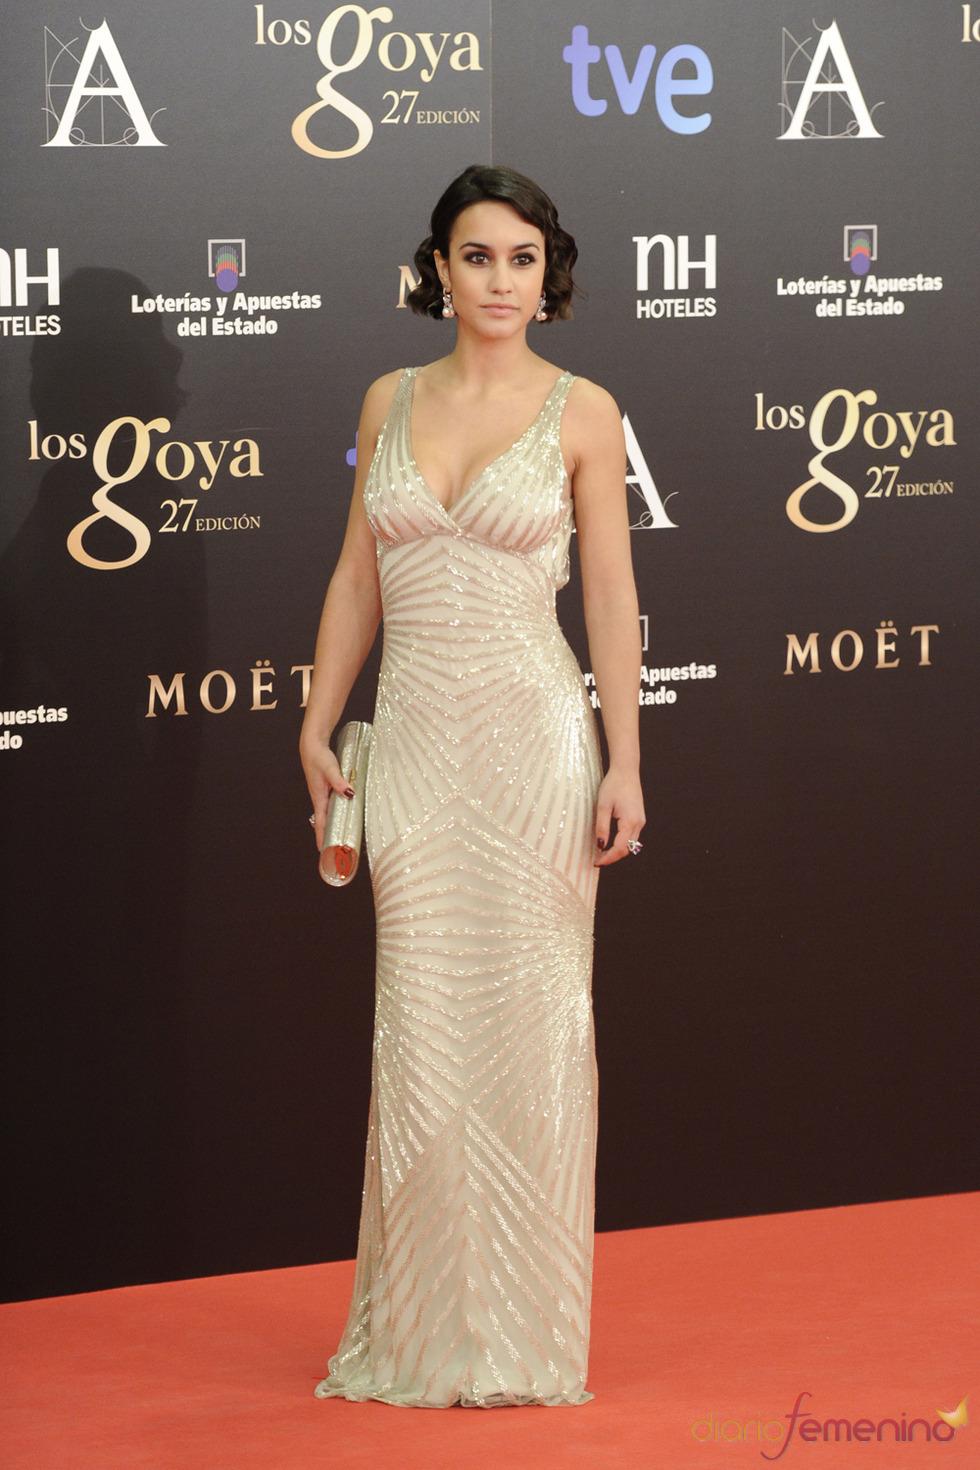 Megan Montaner en la alfombra roja de los Goya 2013